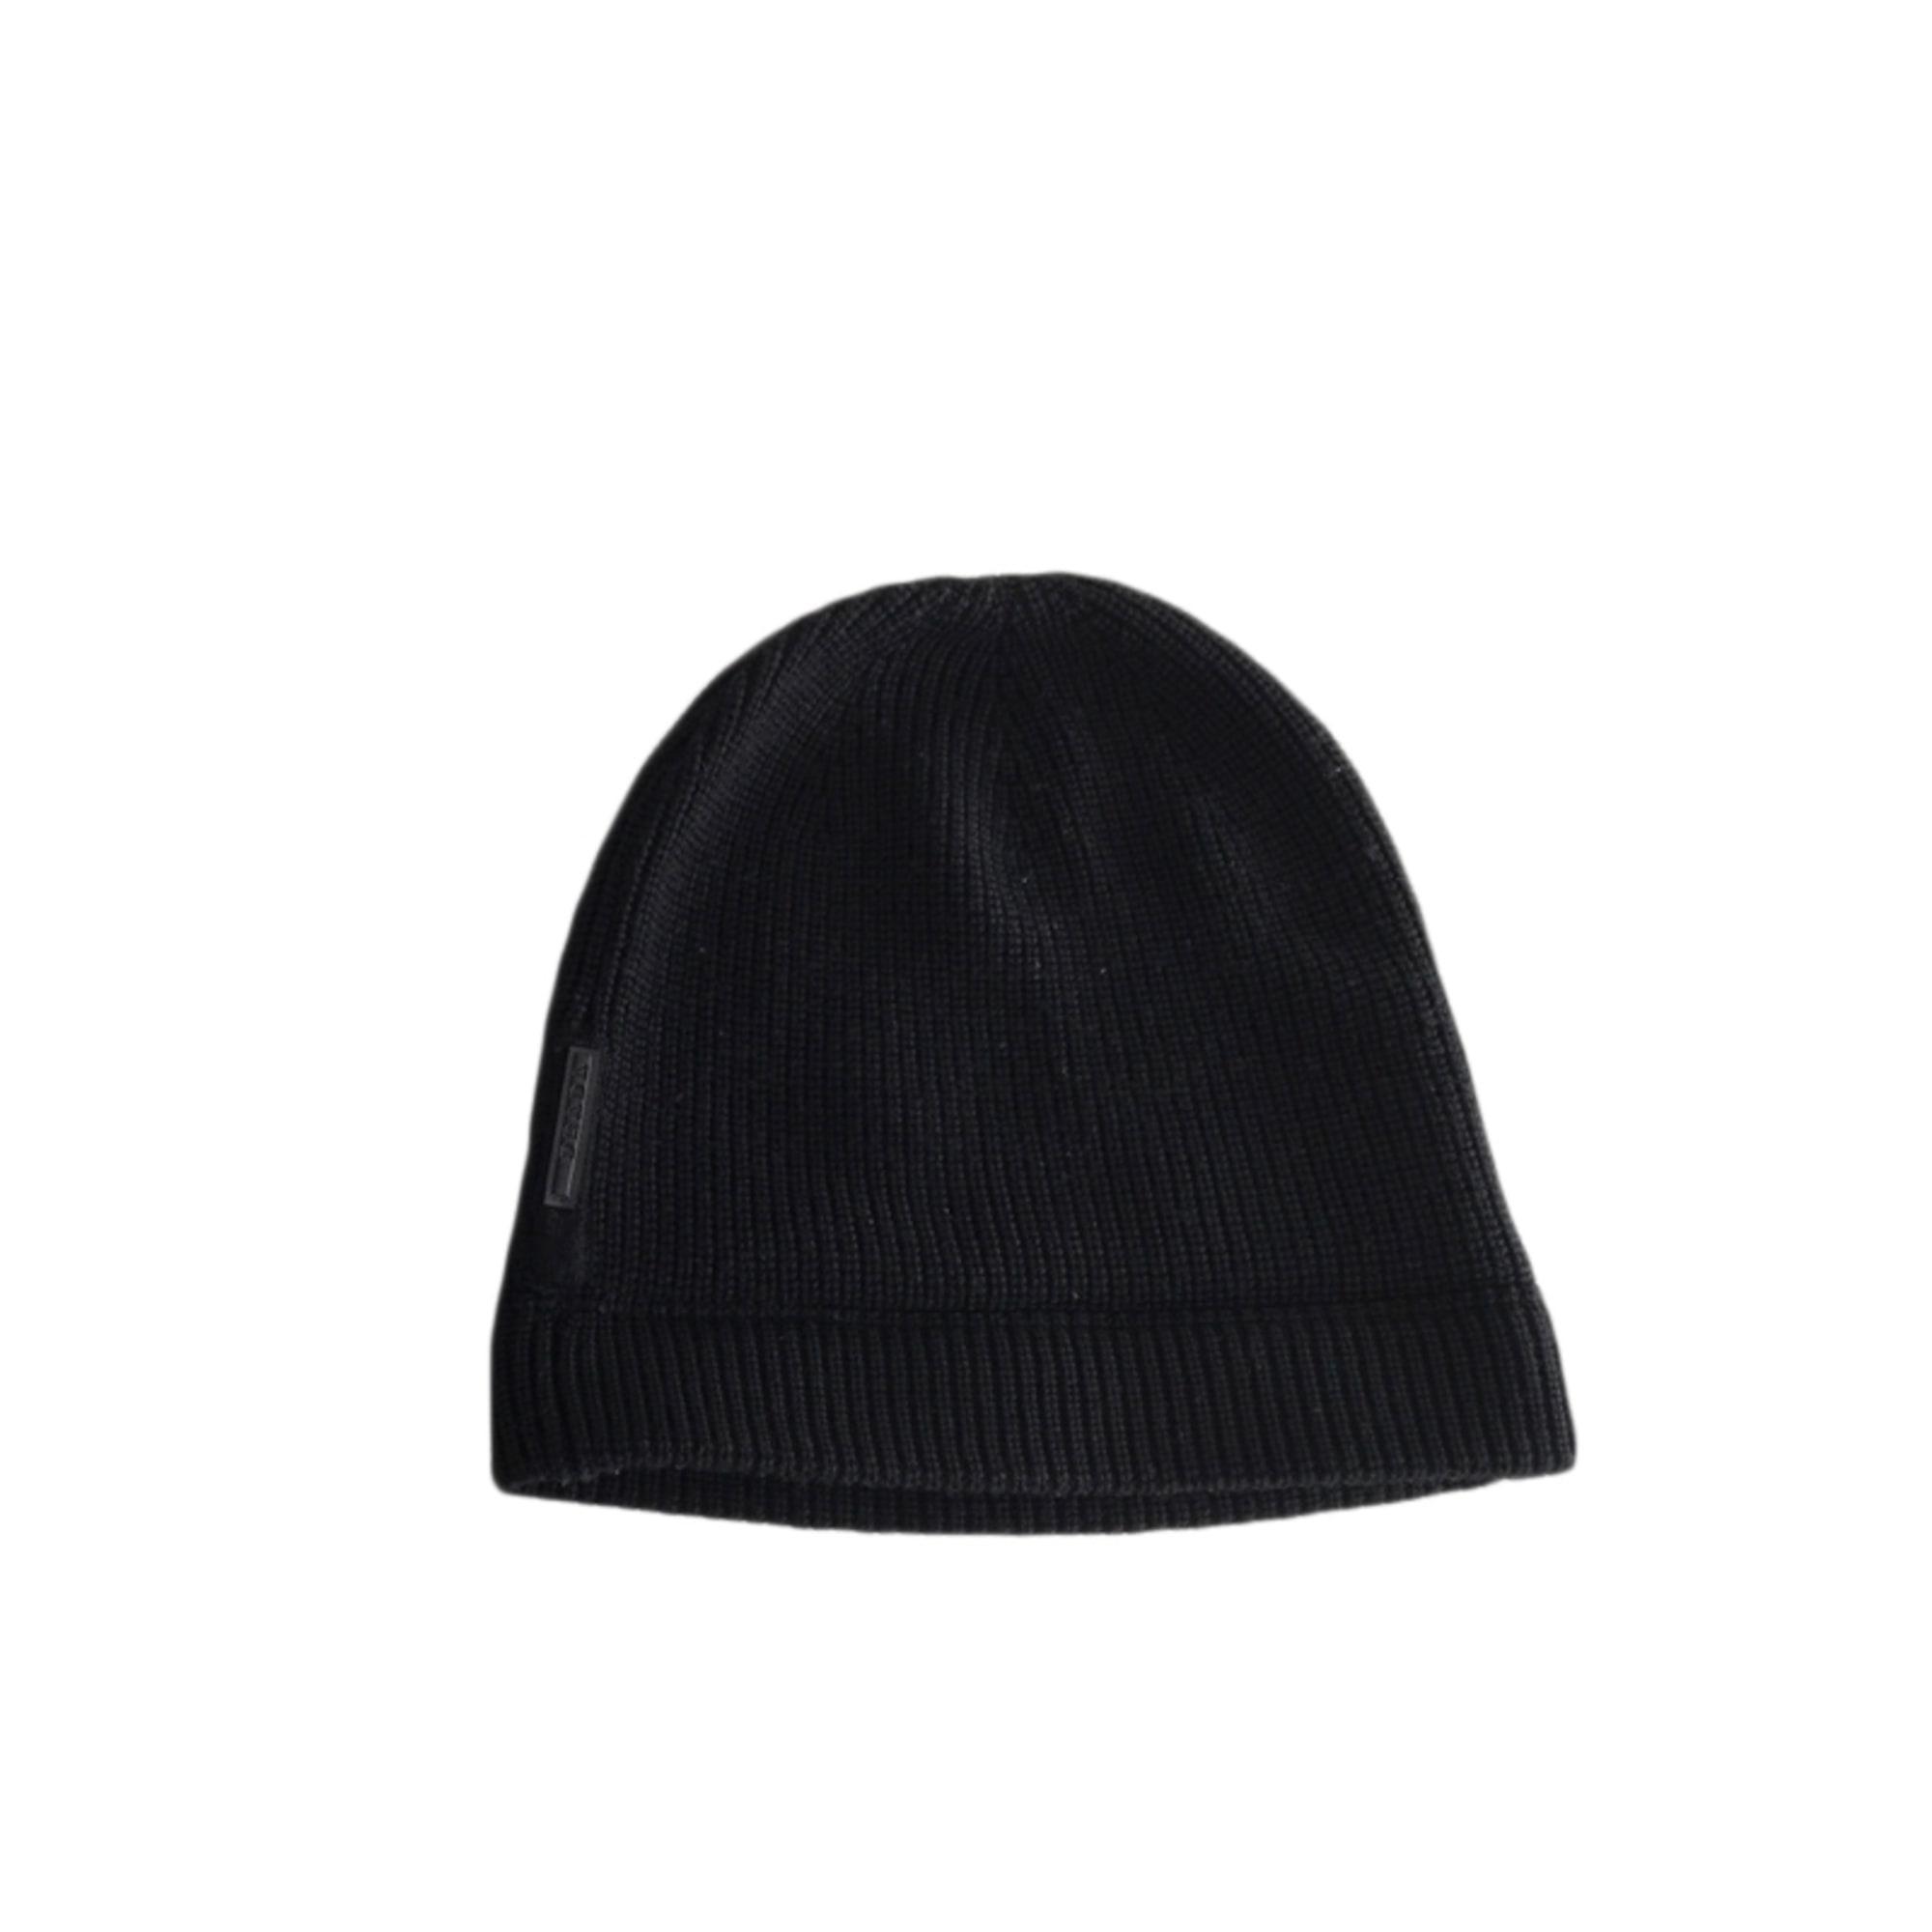 2492ad18ad0 Bonnet PRADA Taille unique noir vendu par C2mars185046 - 3395469